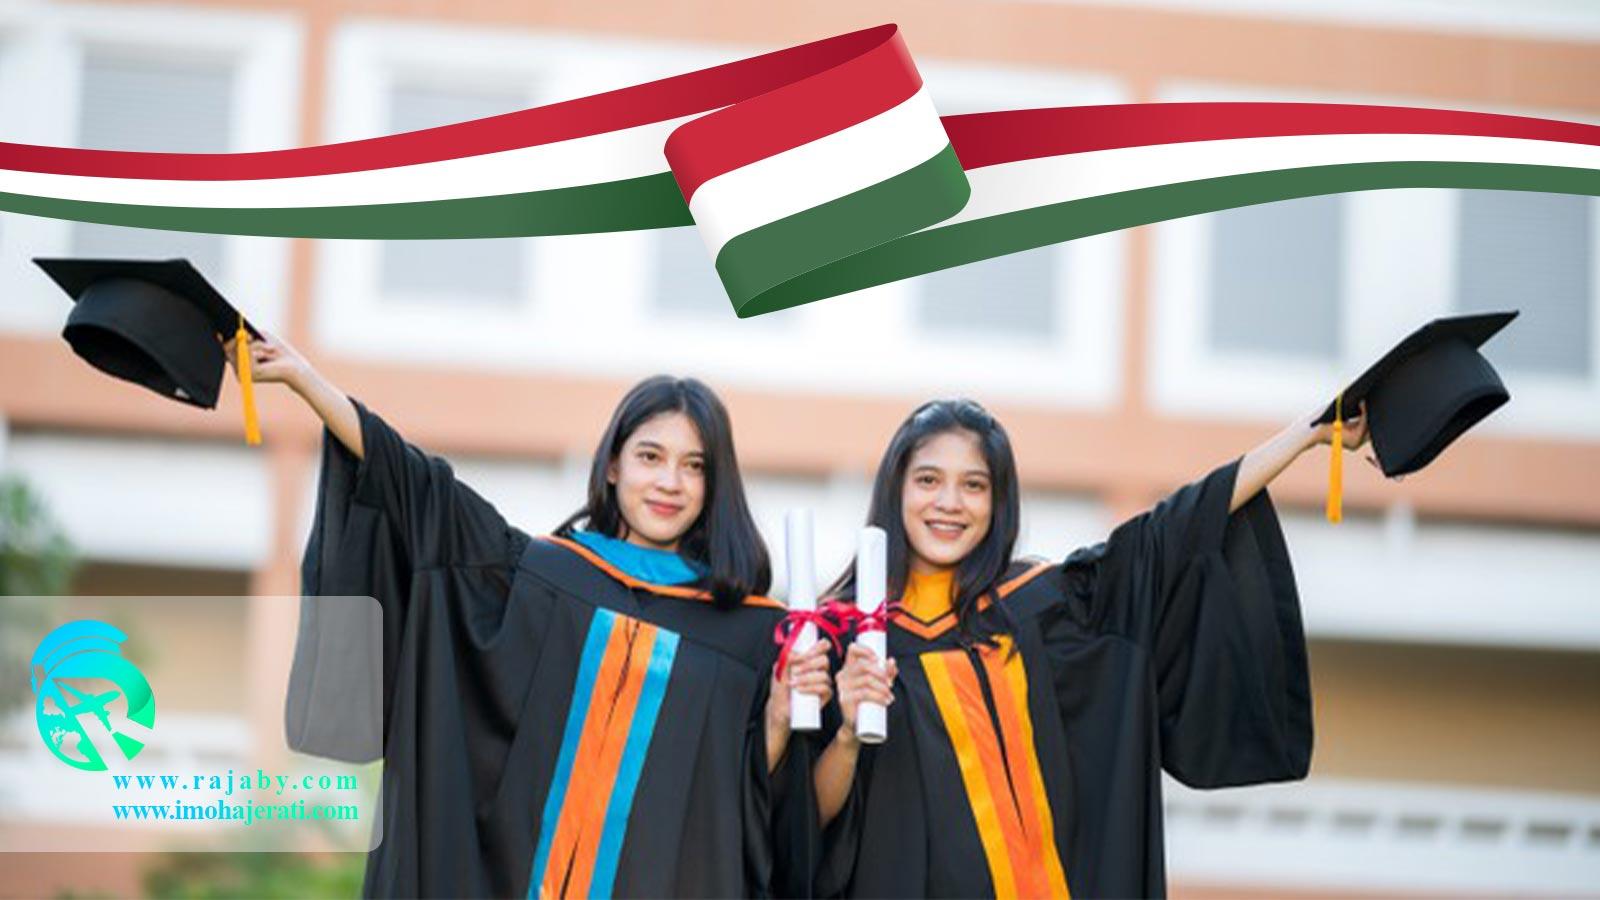 مزایا و معایب تحصیل در مجارستان